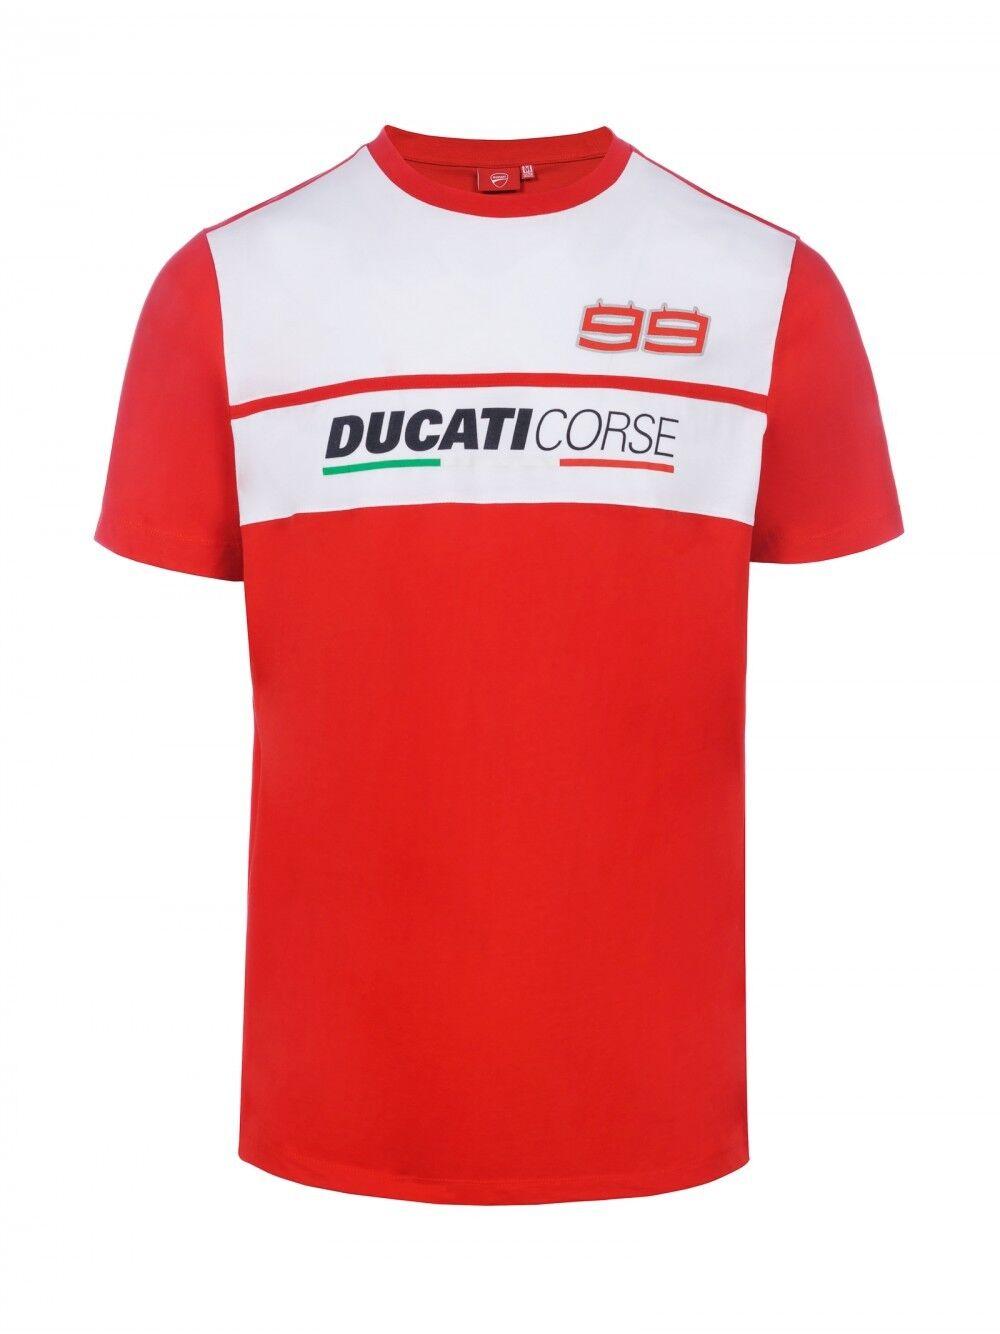 Jorge Jorge Jorge Lorenzo Official 2018 Ducati Corse T-Shirt  - 18 36014 | Üppiges Design  | Merkwürdige Form  | Lassen Sie unsere Produkte in die Welt gehen  02fc09